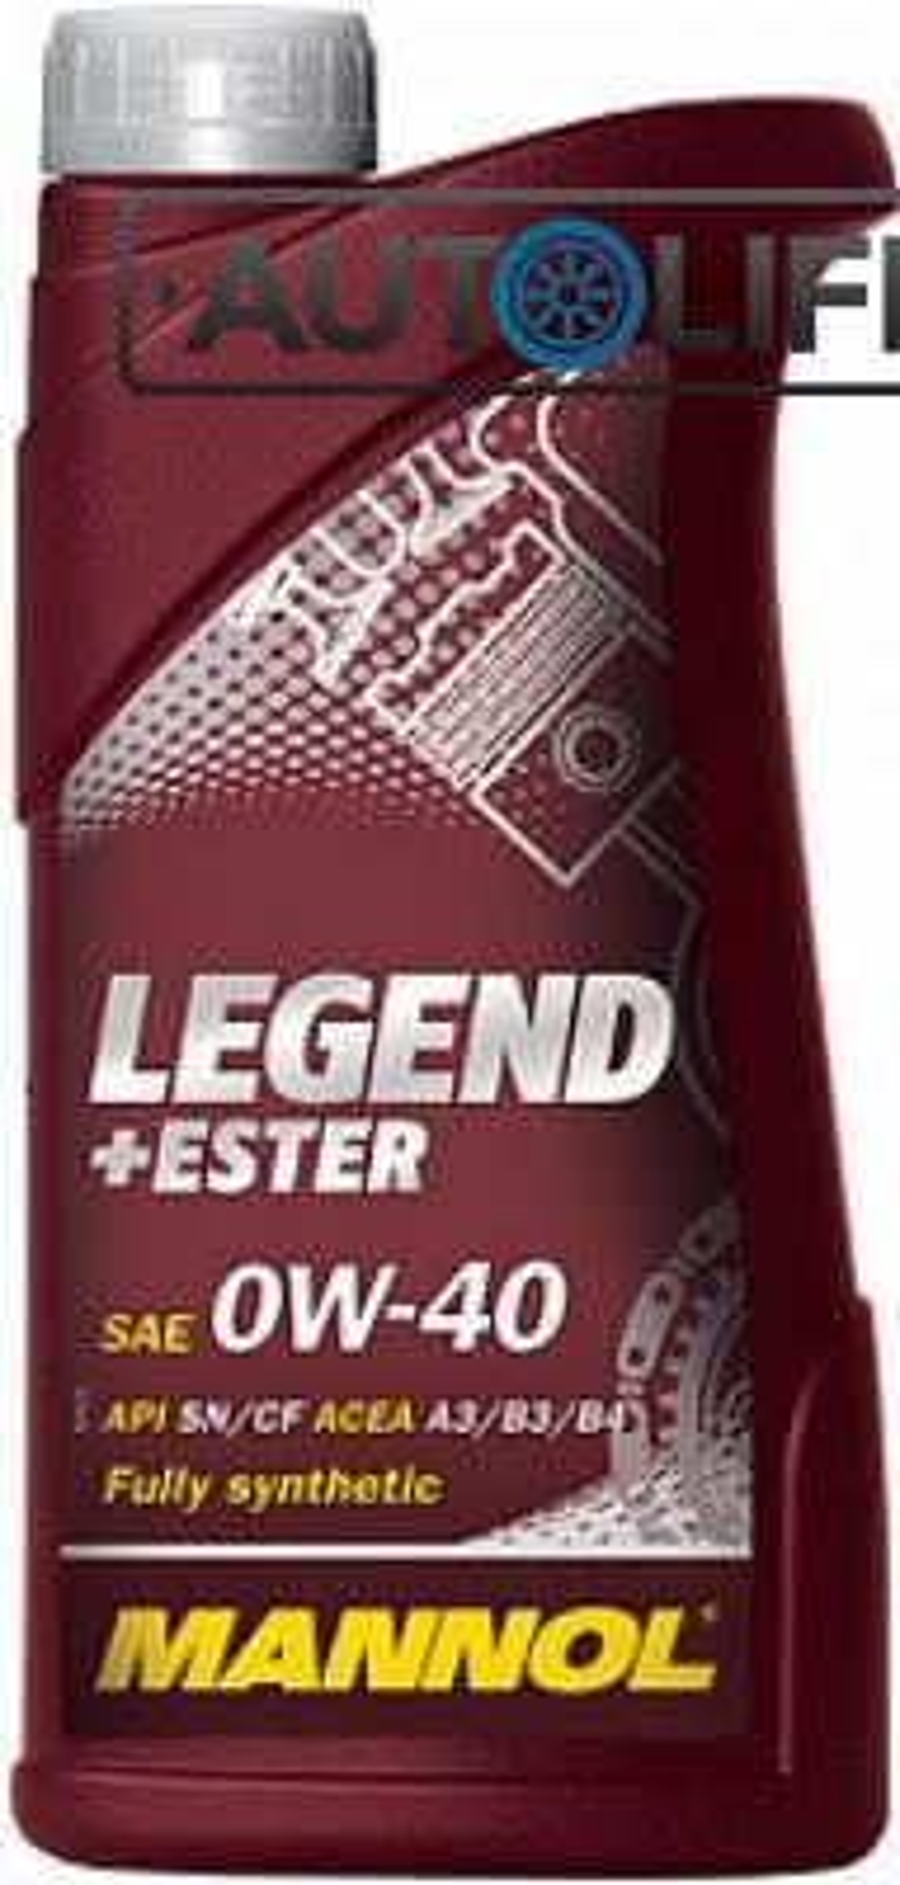 Масло моторное синтетическое LEGEND+ESTER 0W-40, 1л